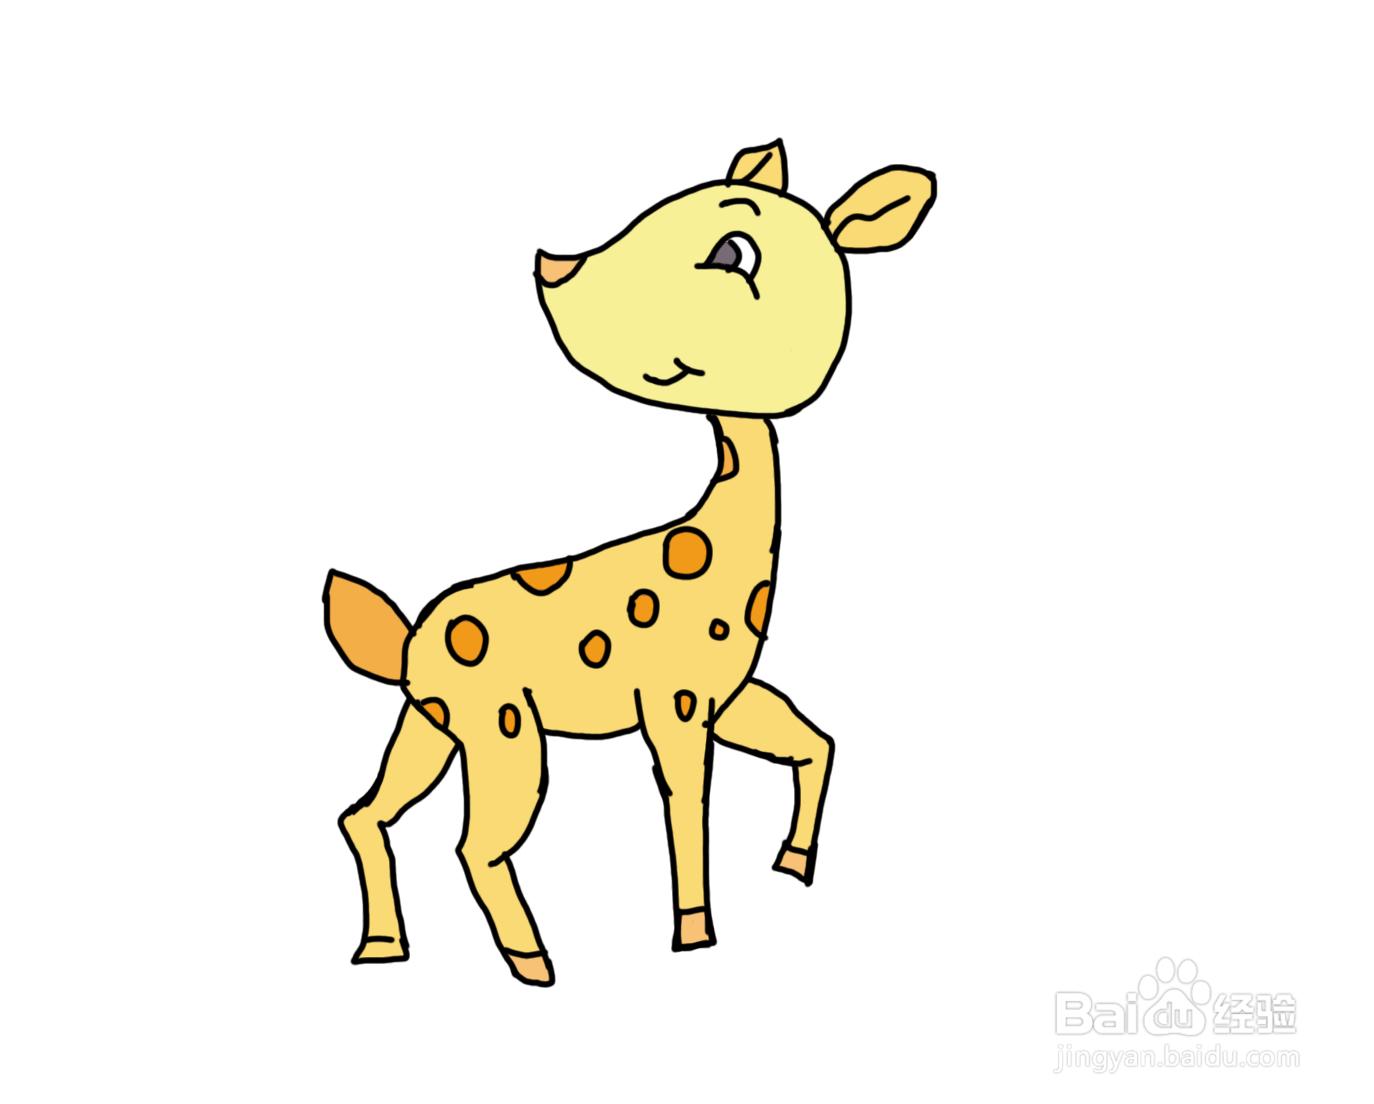 怎么画儿童彩色简笔画卡通动物小鹿?